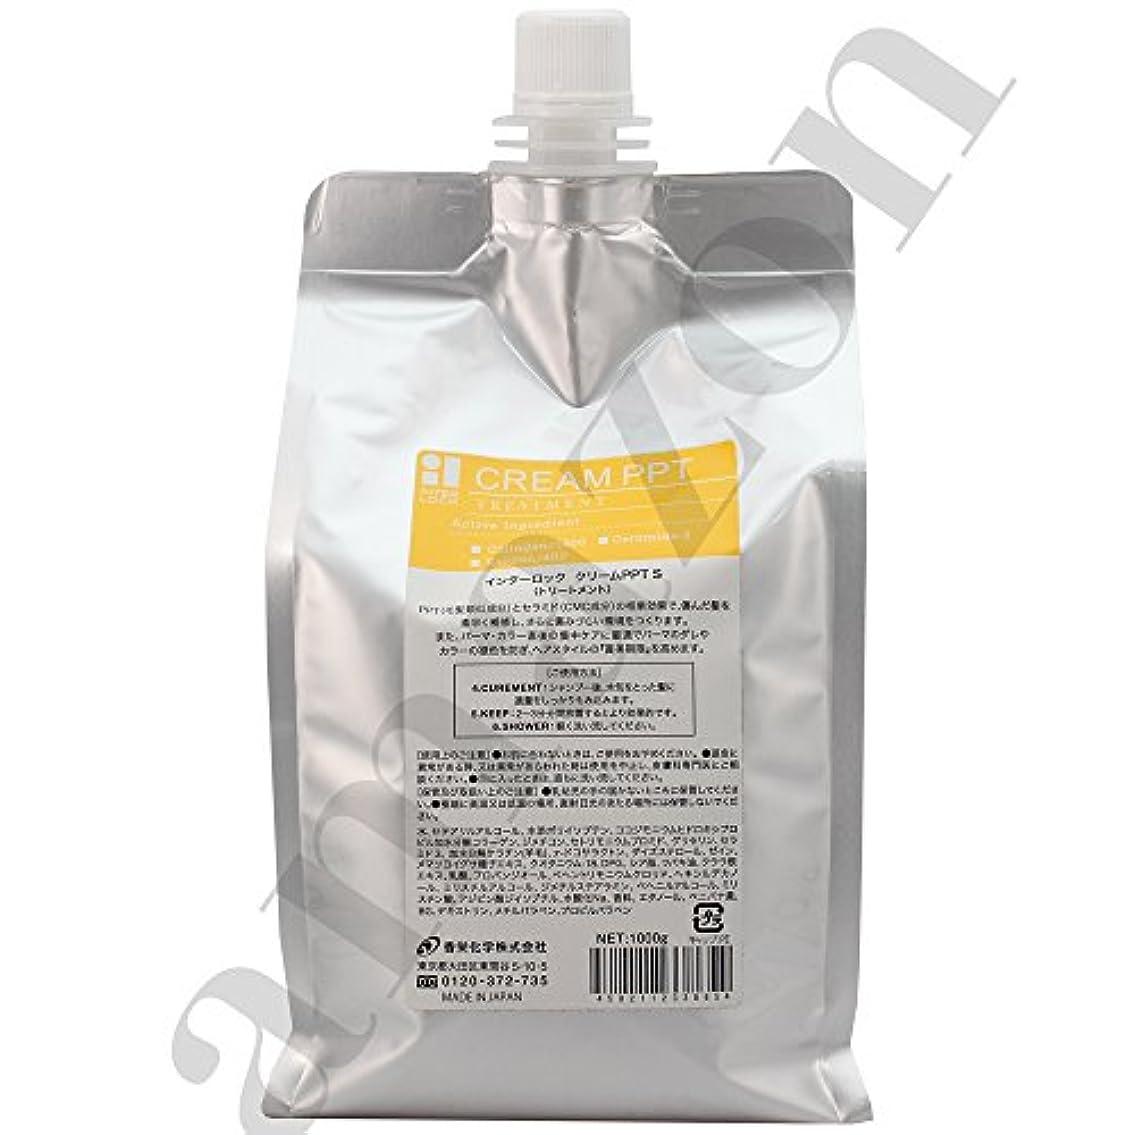 いたずら消費者絶え間ない香栄化学 インターロック クリームPPT S レフィル 1000g